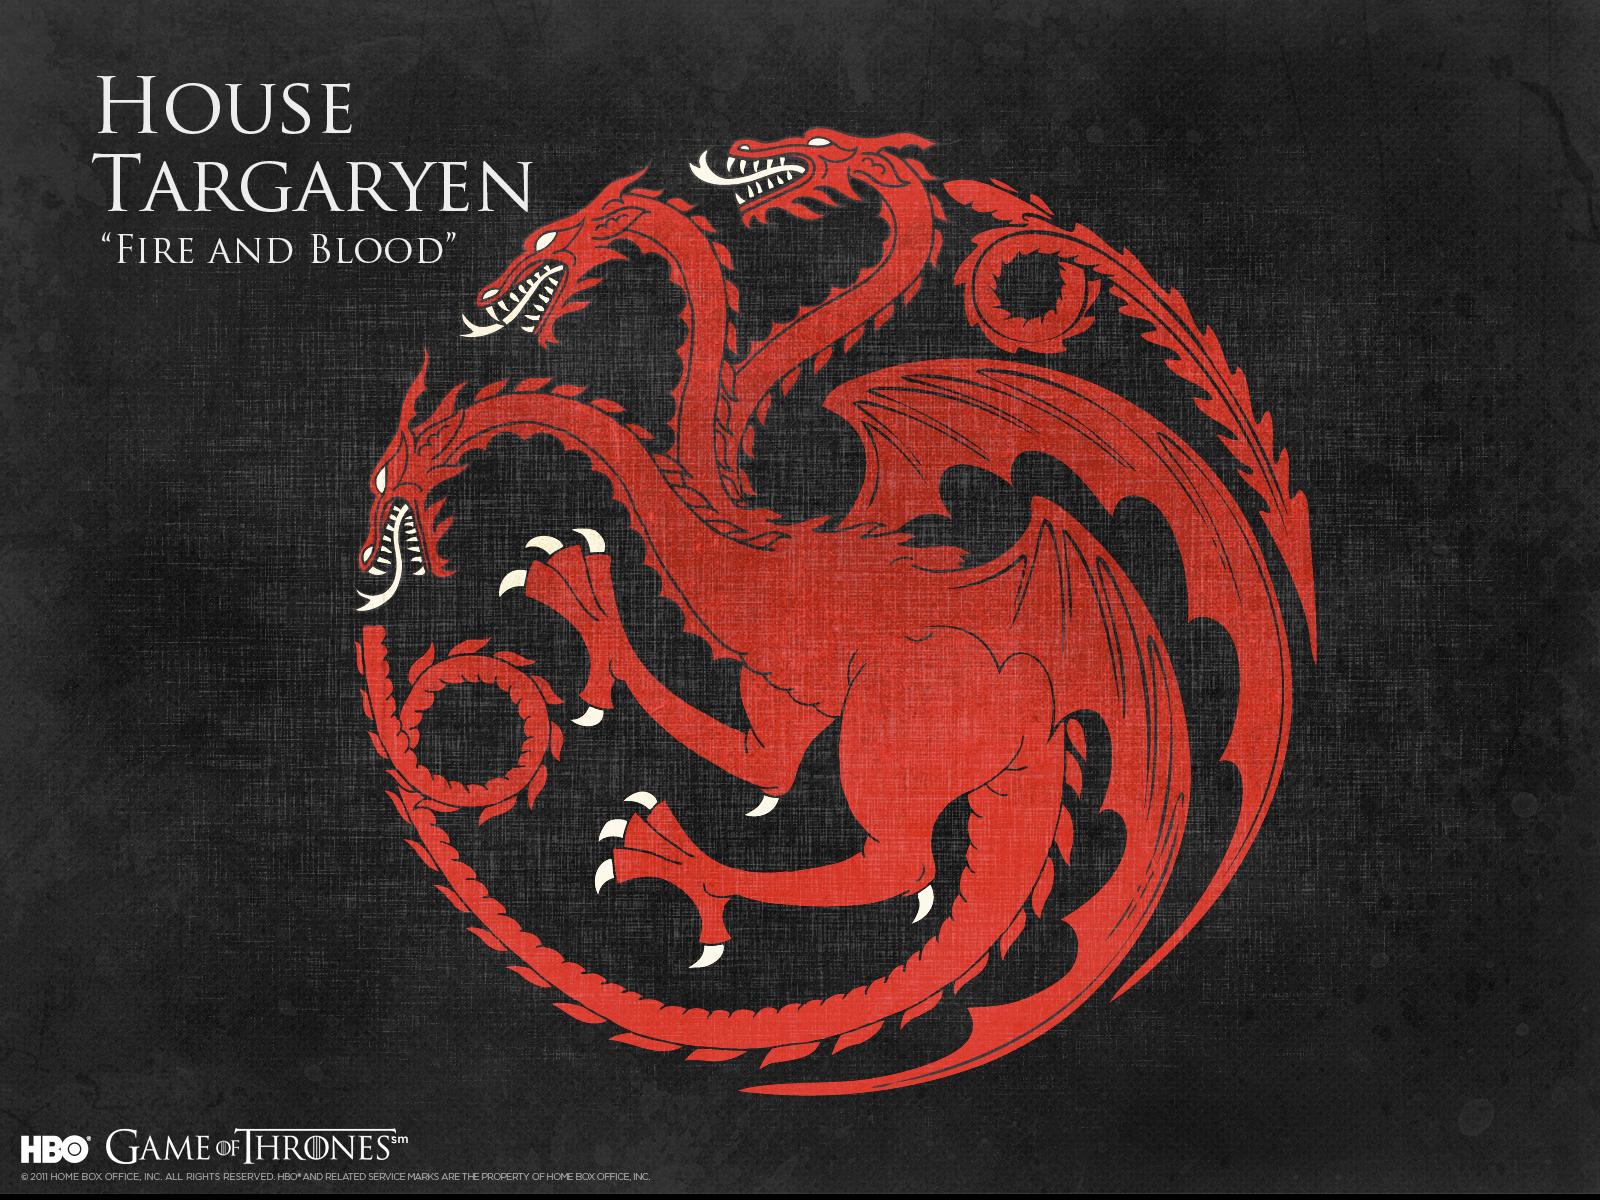 Il Trono di Spade, ecco chi è la terza testa di drago, colui che incarna la profezia delle 3 teste di drago